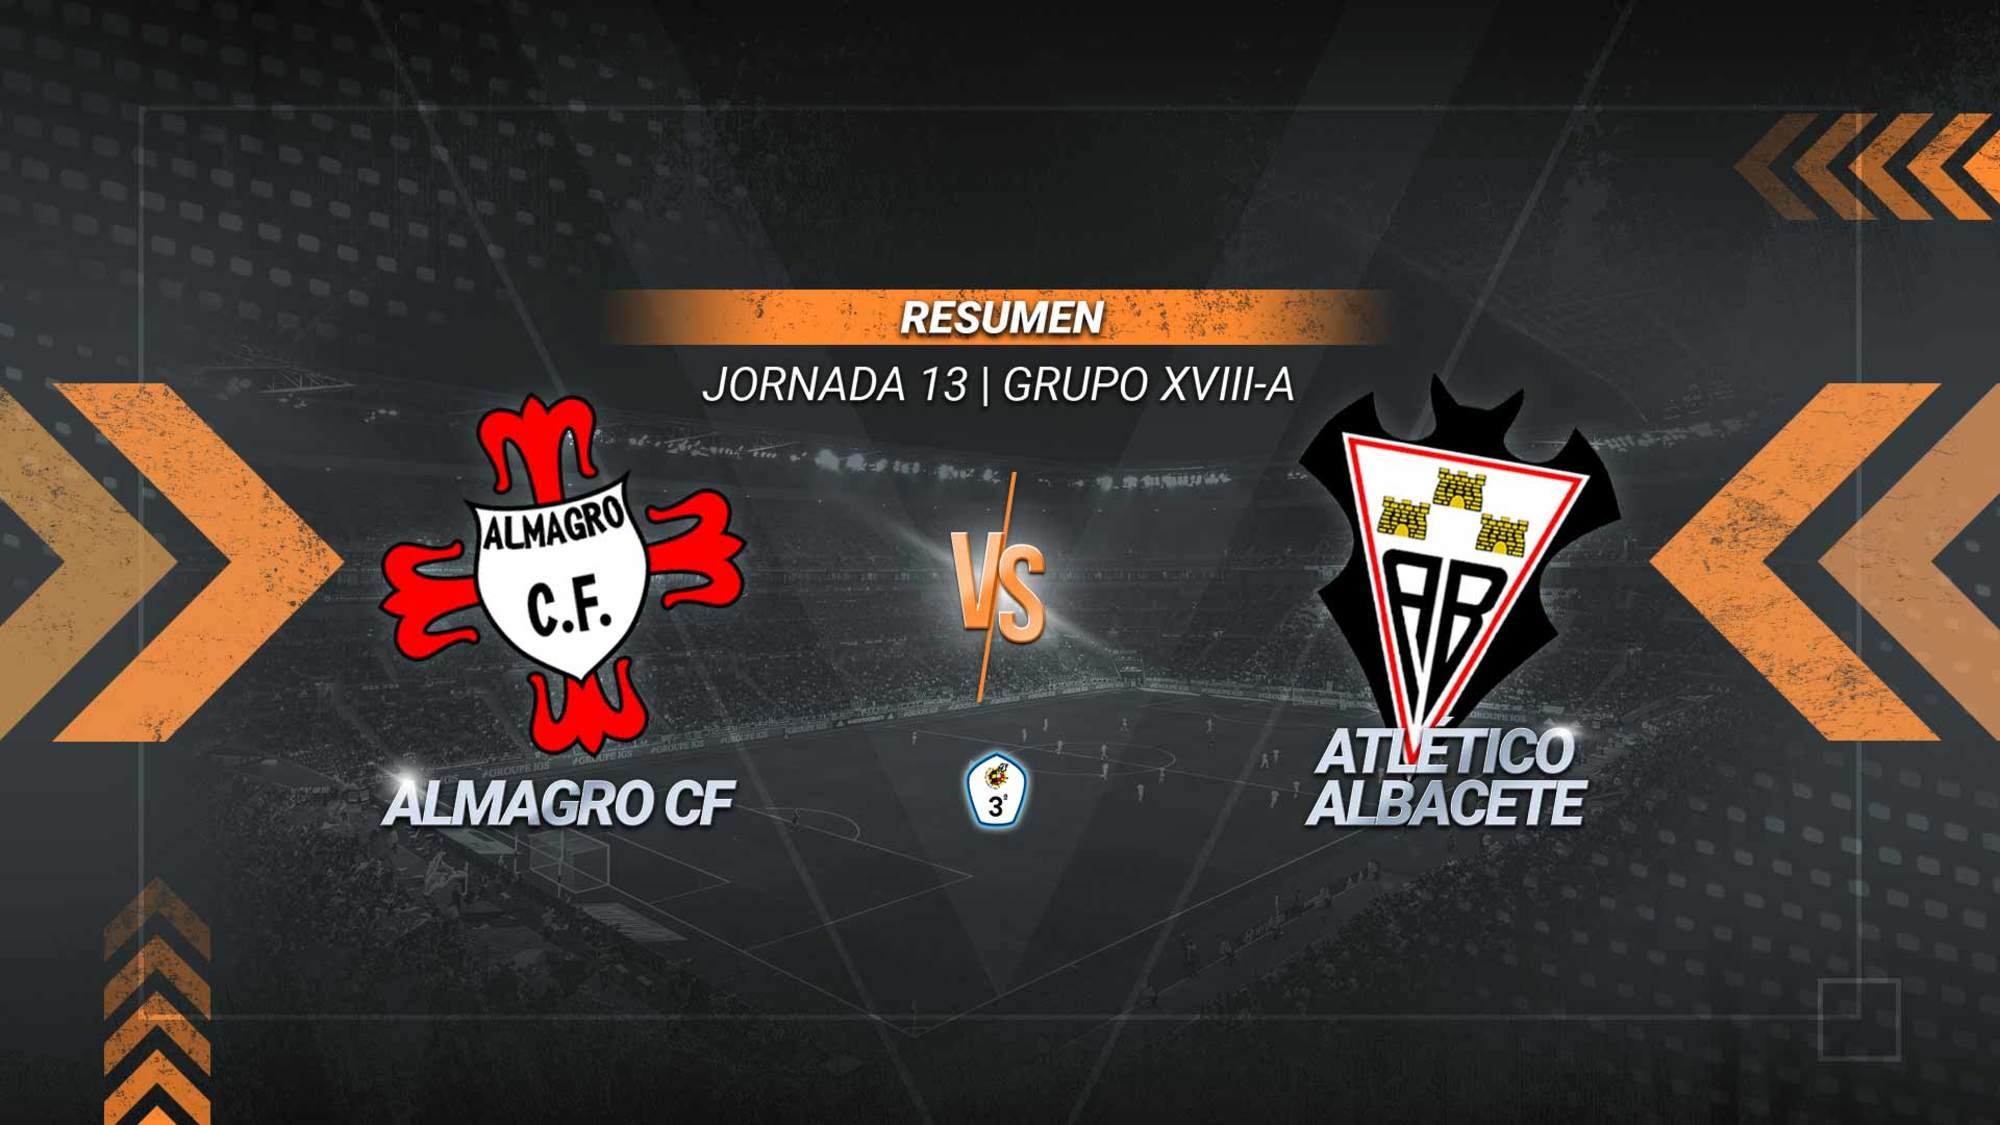 Vargas y Emiliano ratifican el liderato del Atlético Albacete. El filial albaceteño suma su quinto triunfo consecutivo y alcanza los 24 puntos. El Almagro se queda en la zona baja con 10.